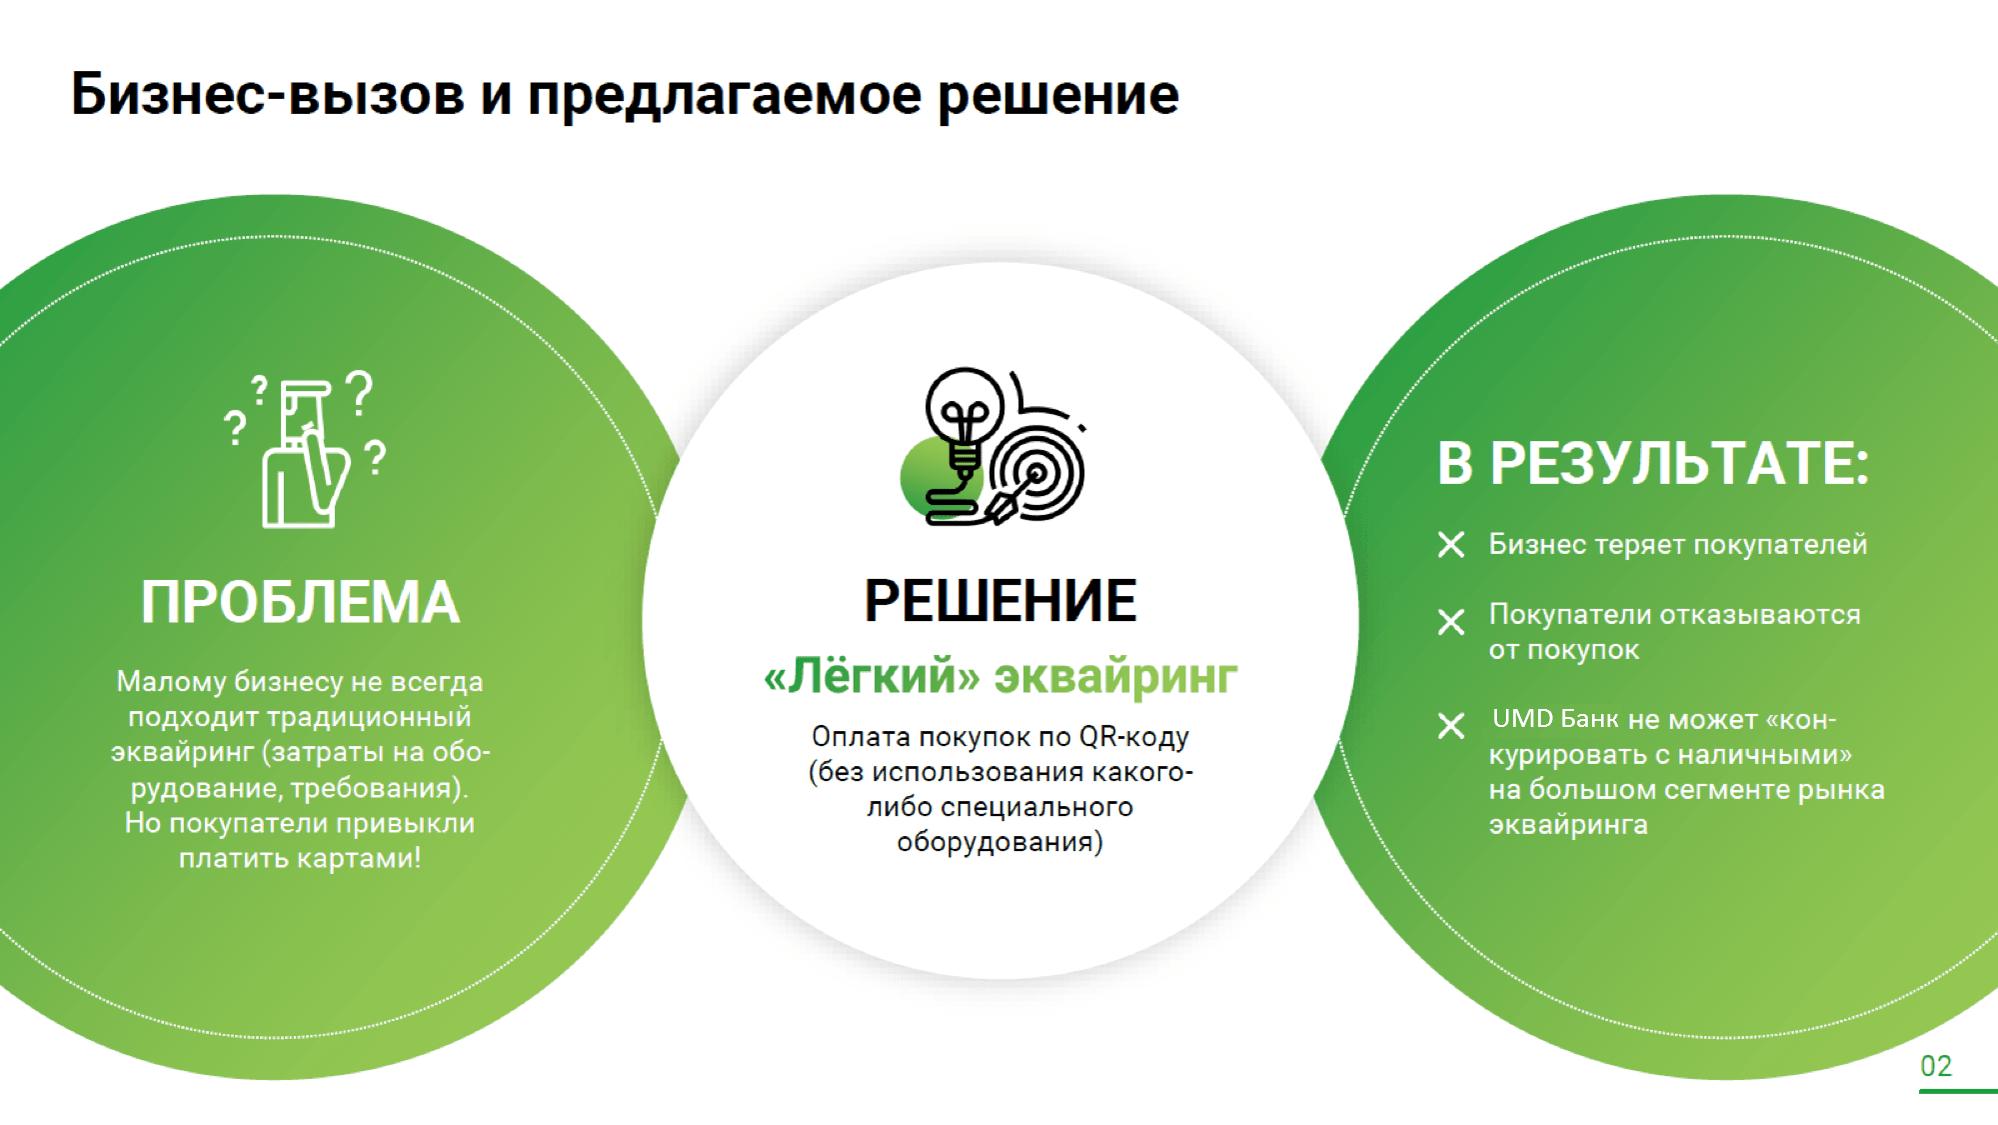 Презентация продукта для Сбербанк